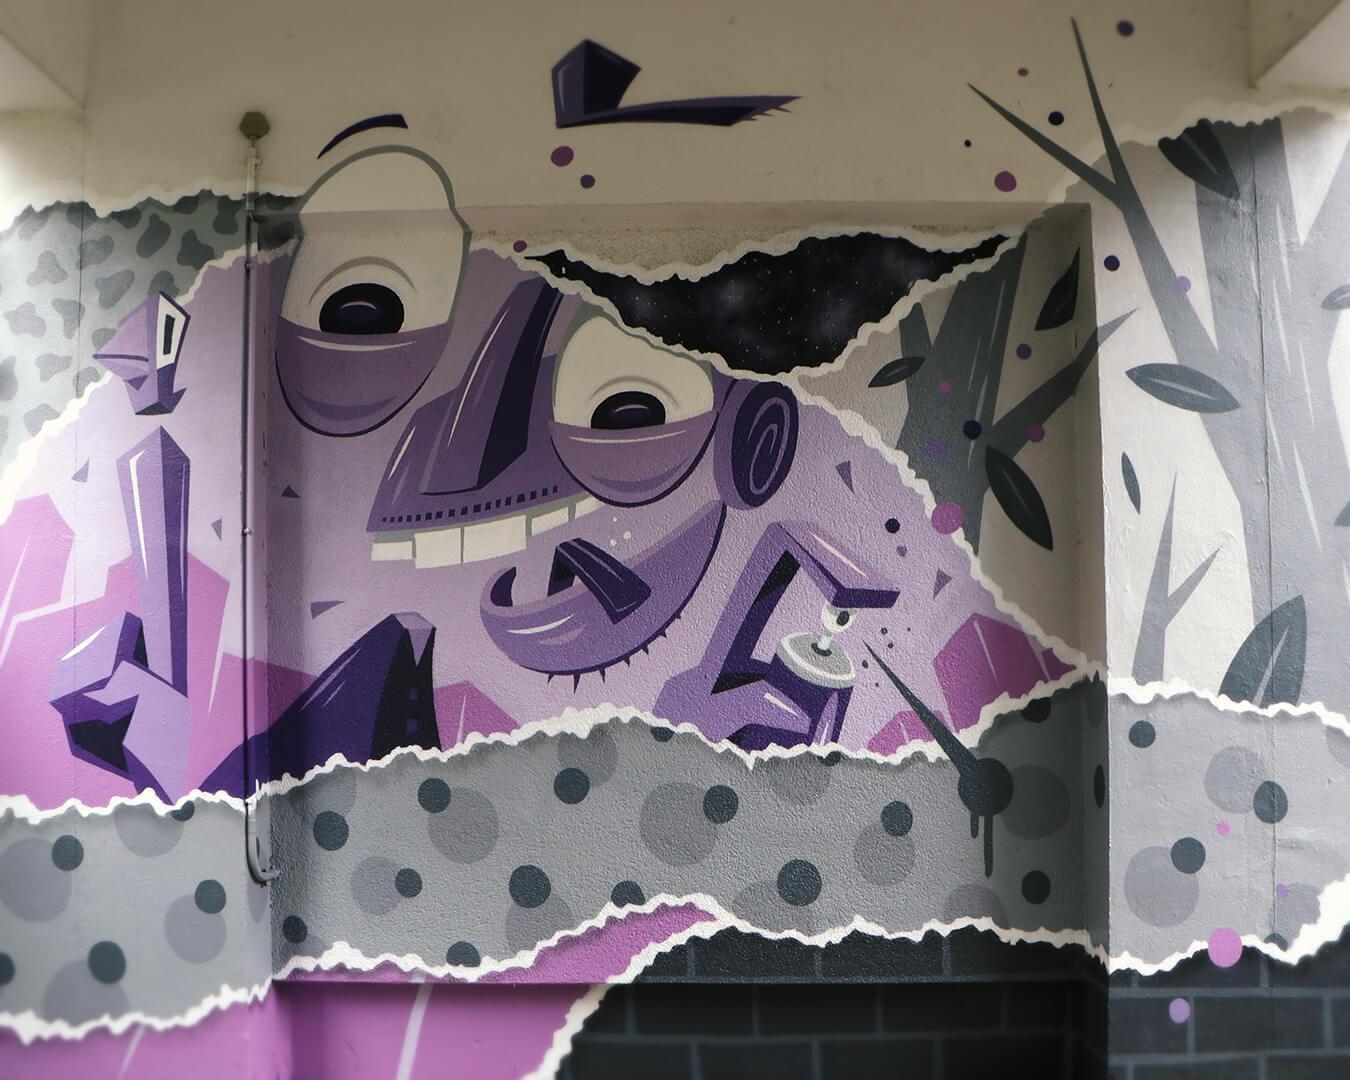 """Graffiti Hausdurchgang """"Stadt und Land"""" Berlin Hellersdorf lila abstrakte Figur mit Sprühdose"""